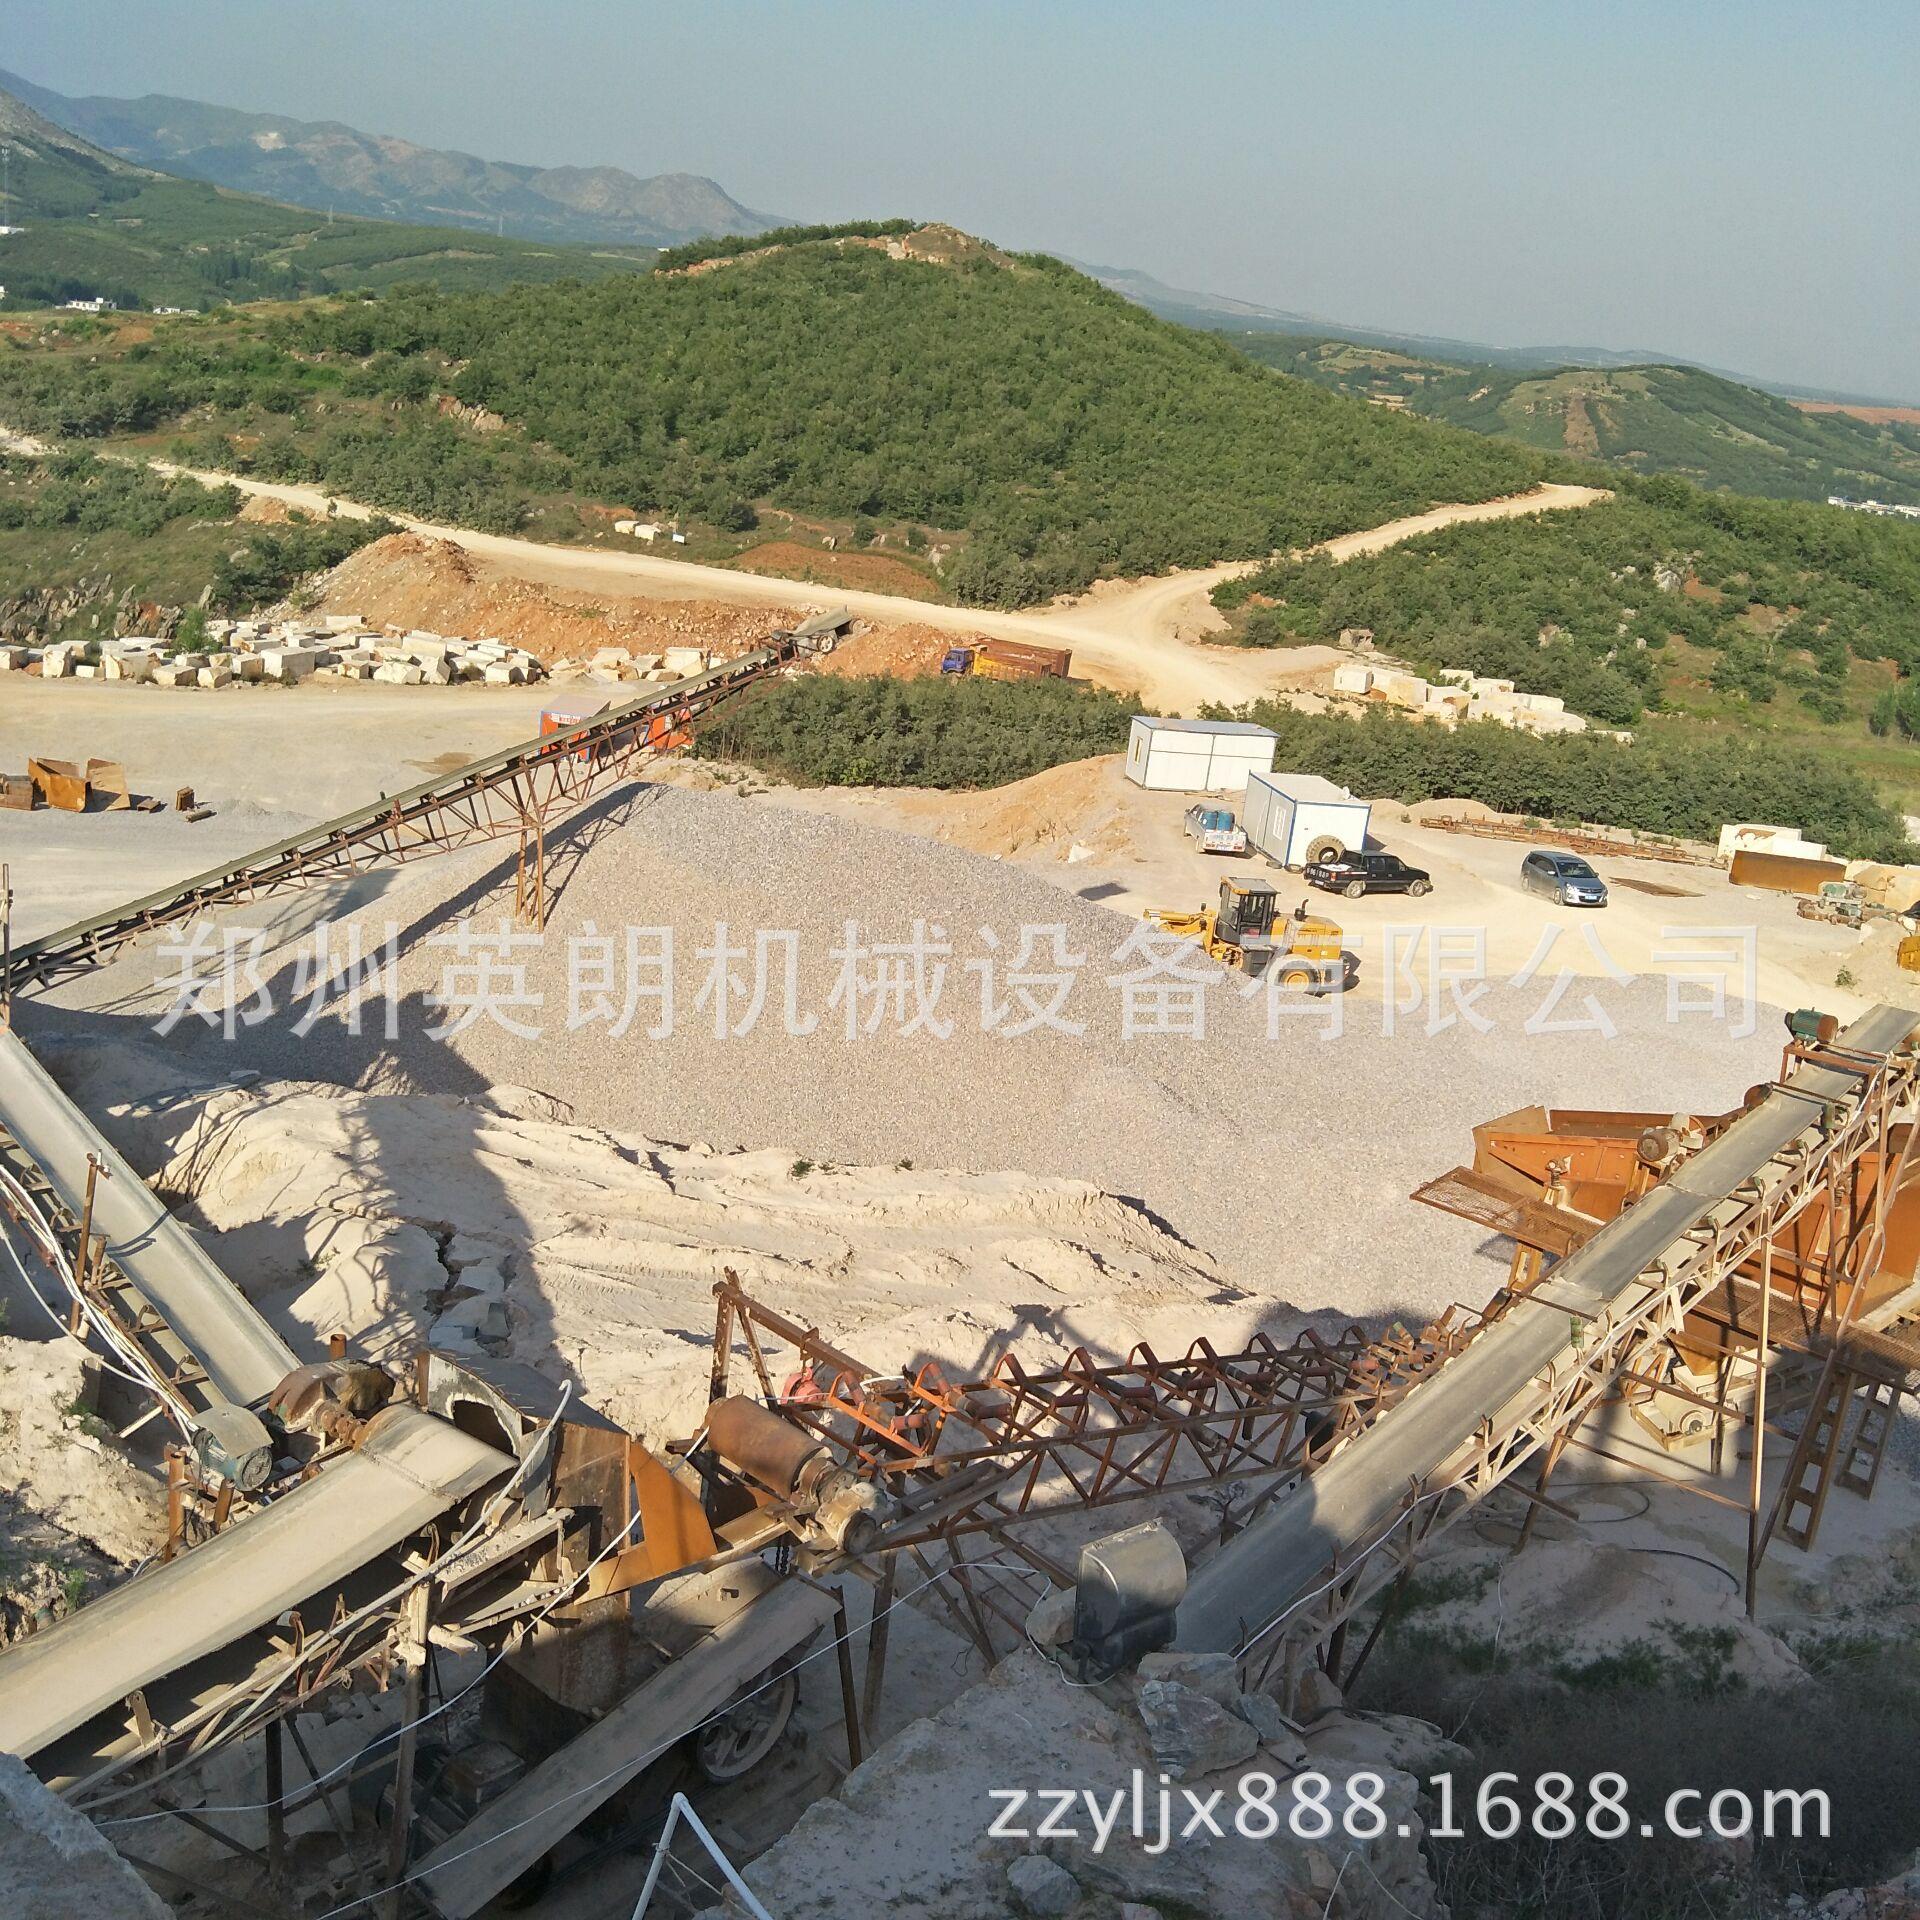 新型高效石料生产线 石料制砂生产线 花岗岩矿石破碎生产线报价示例图7